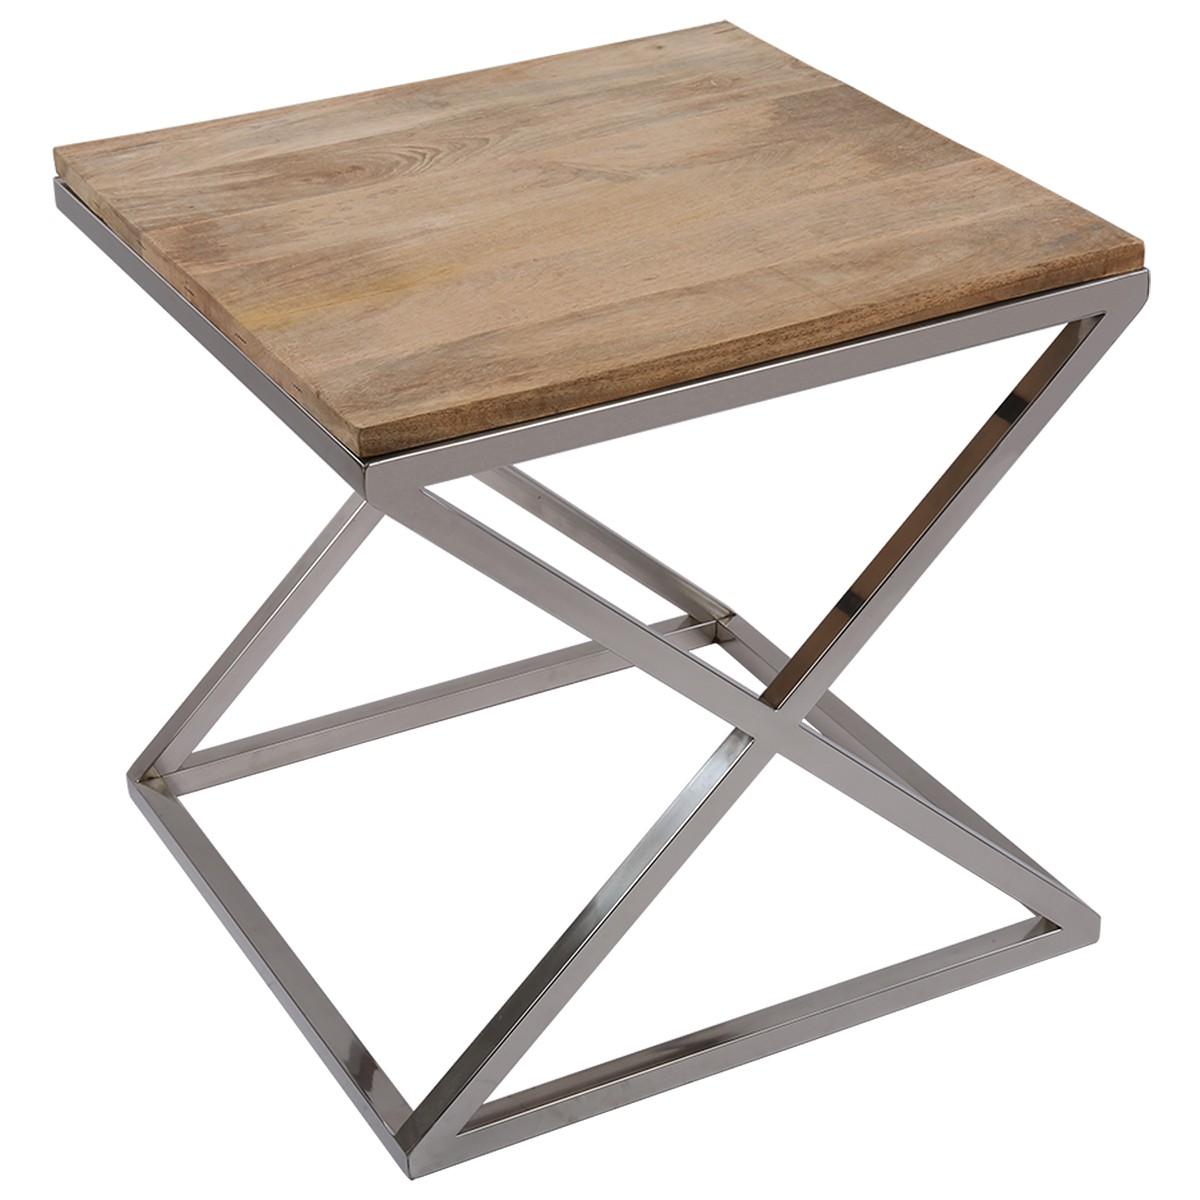 beistelltisch quadratisch holz metall tisch verchromt. Black Bedroom Furniture Sets. Home Design Ideas